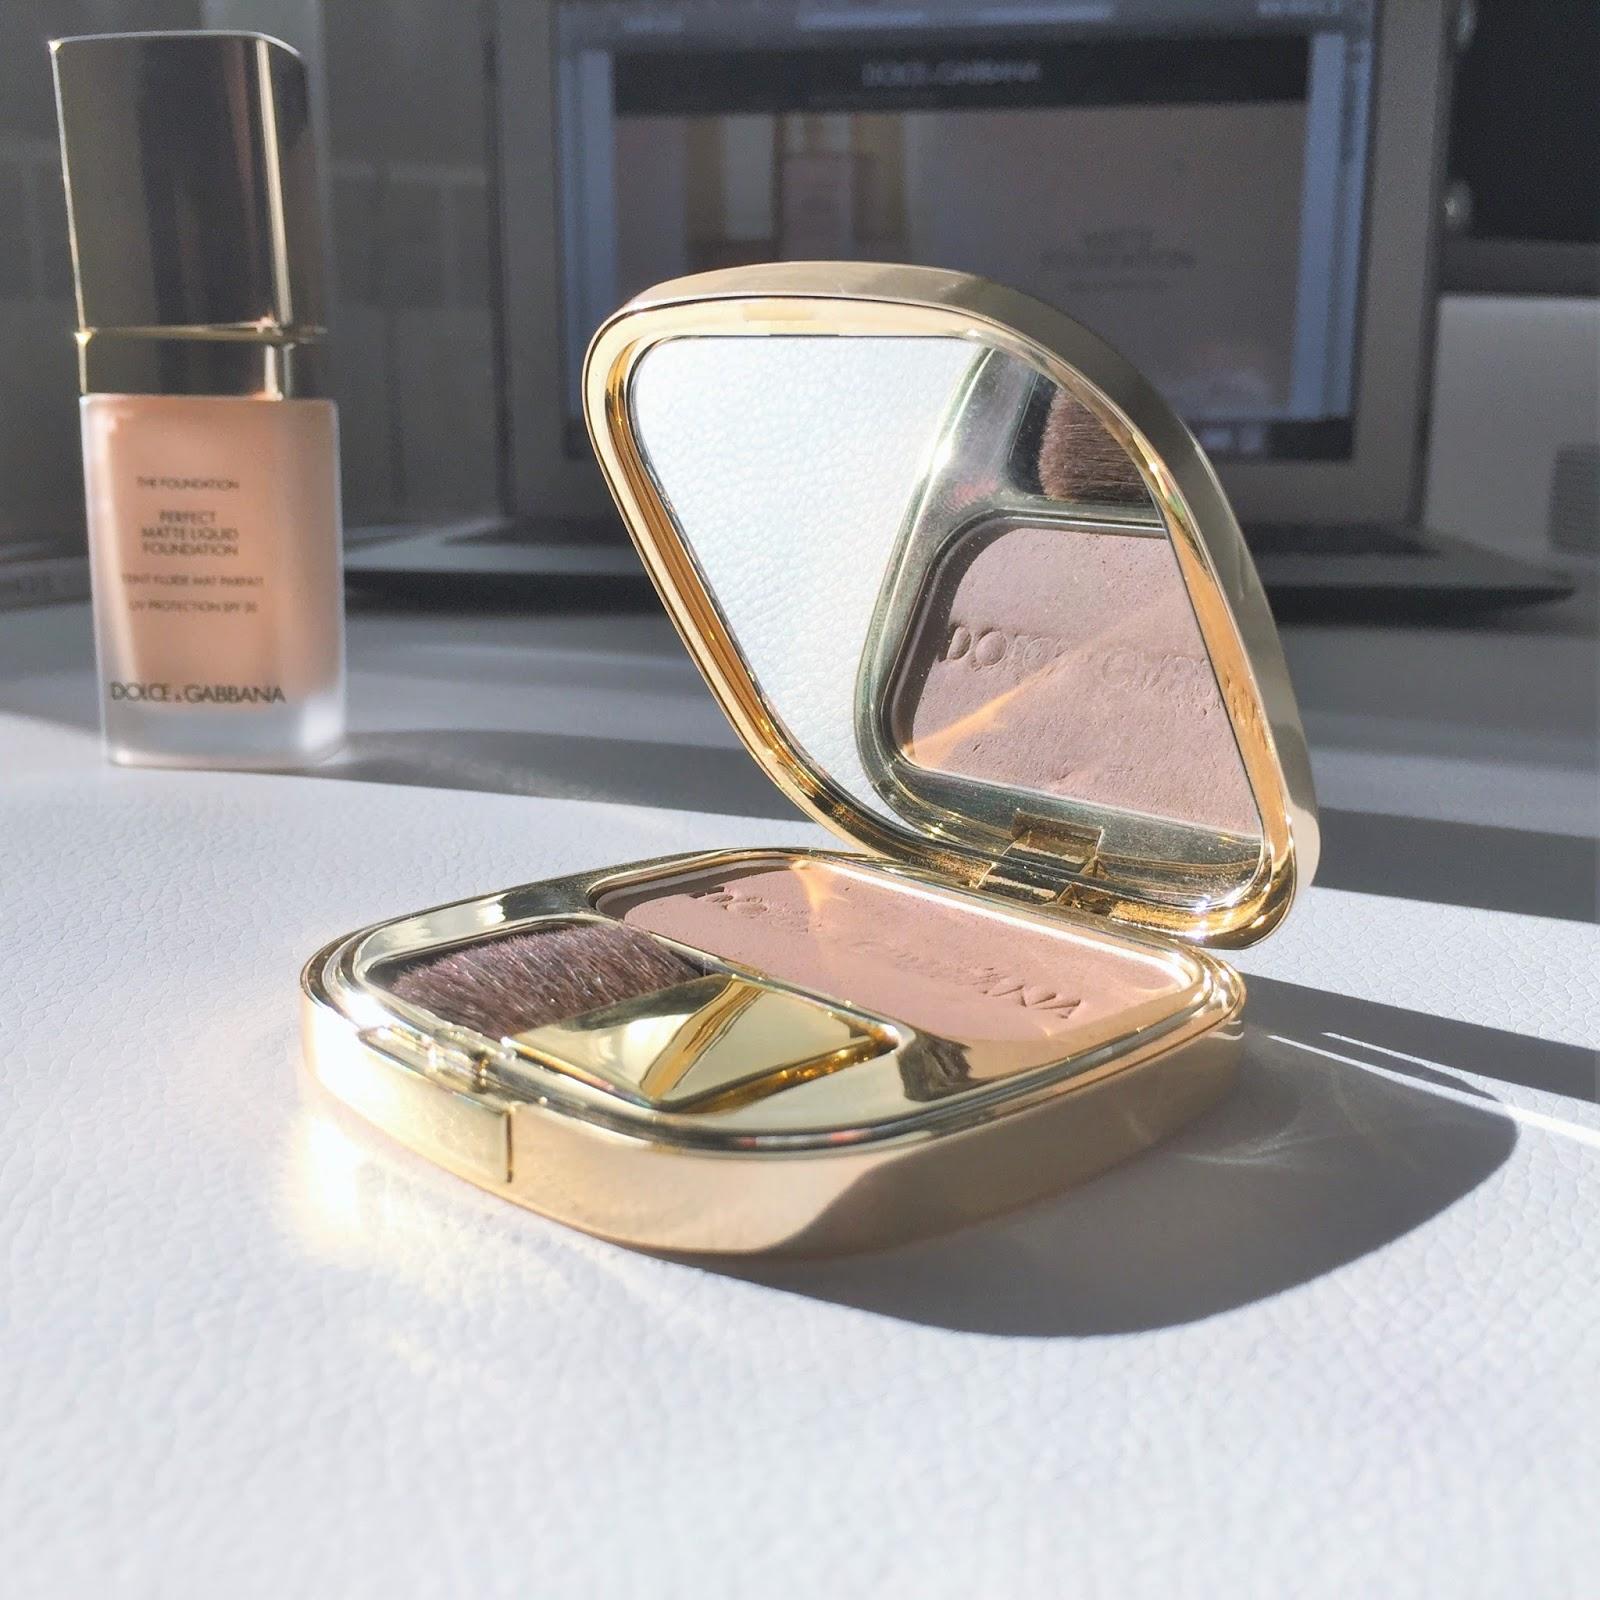 Кисть в комплекте на черный день сойдет, ворс достаточно мягкий, но у shiseido подобные кисти мягче и лучше.